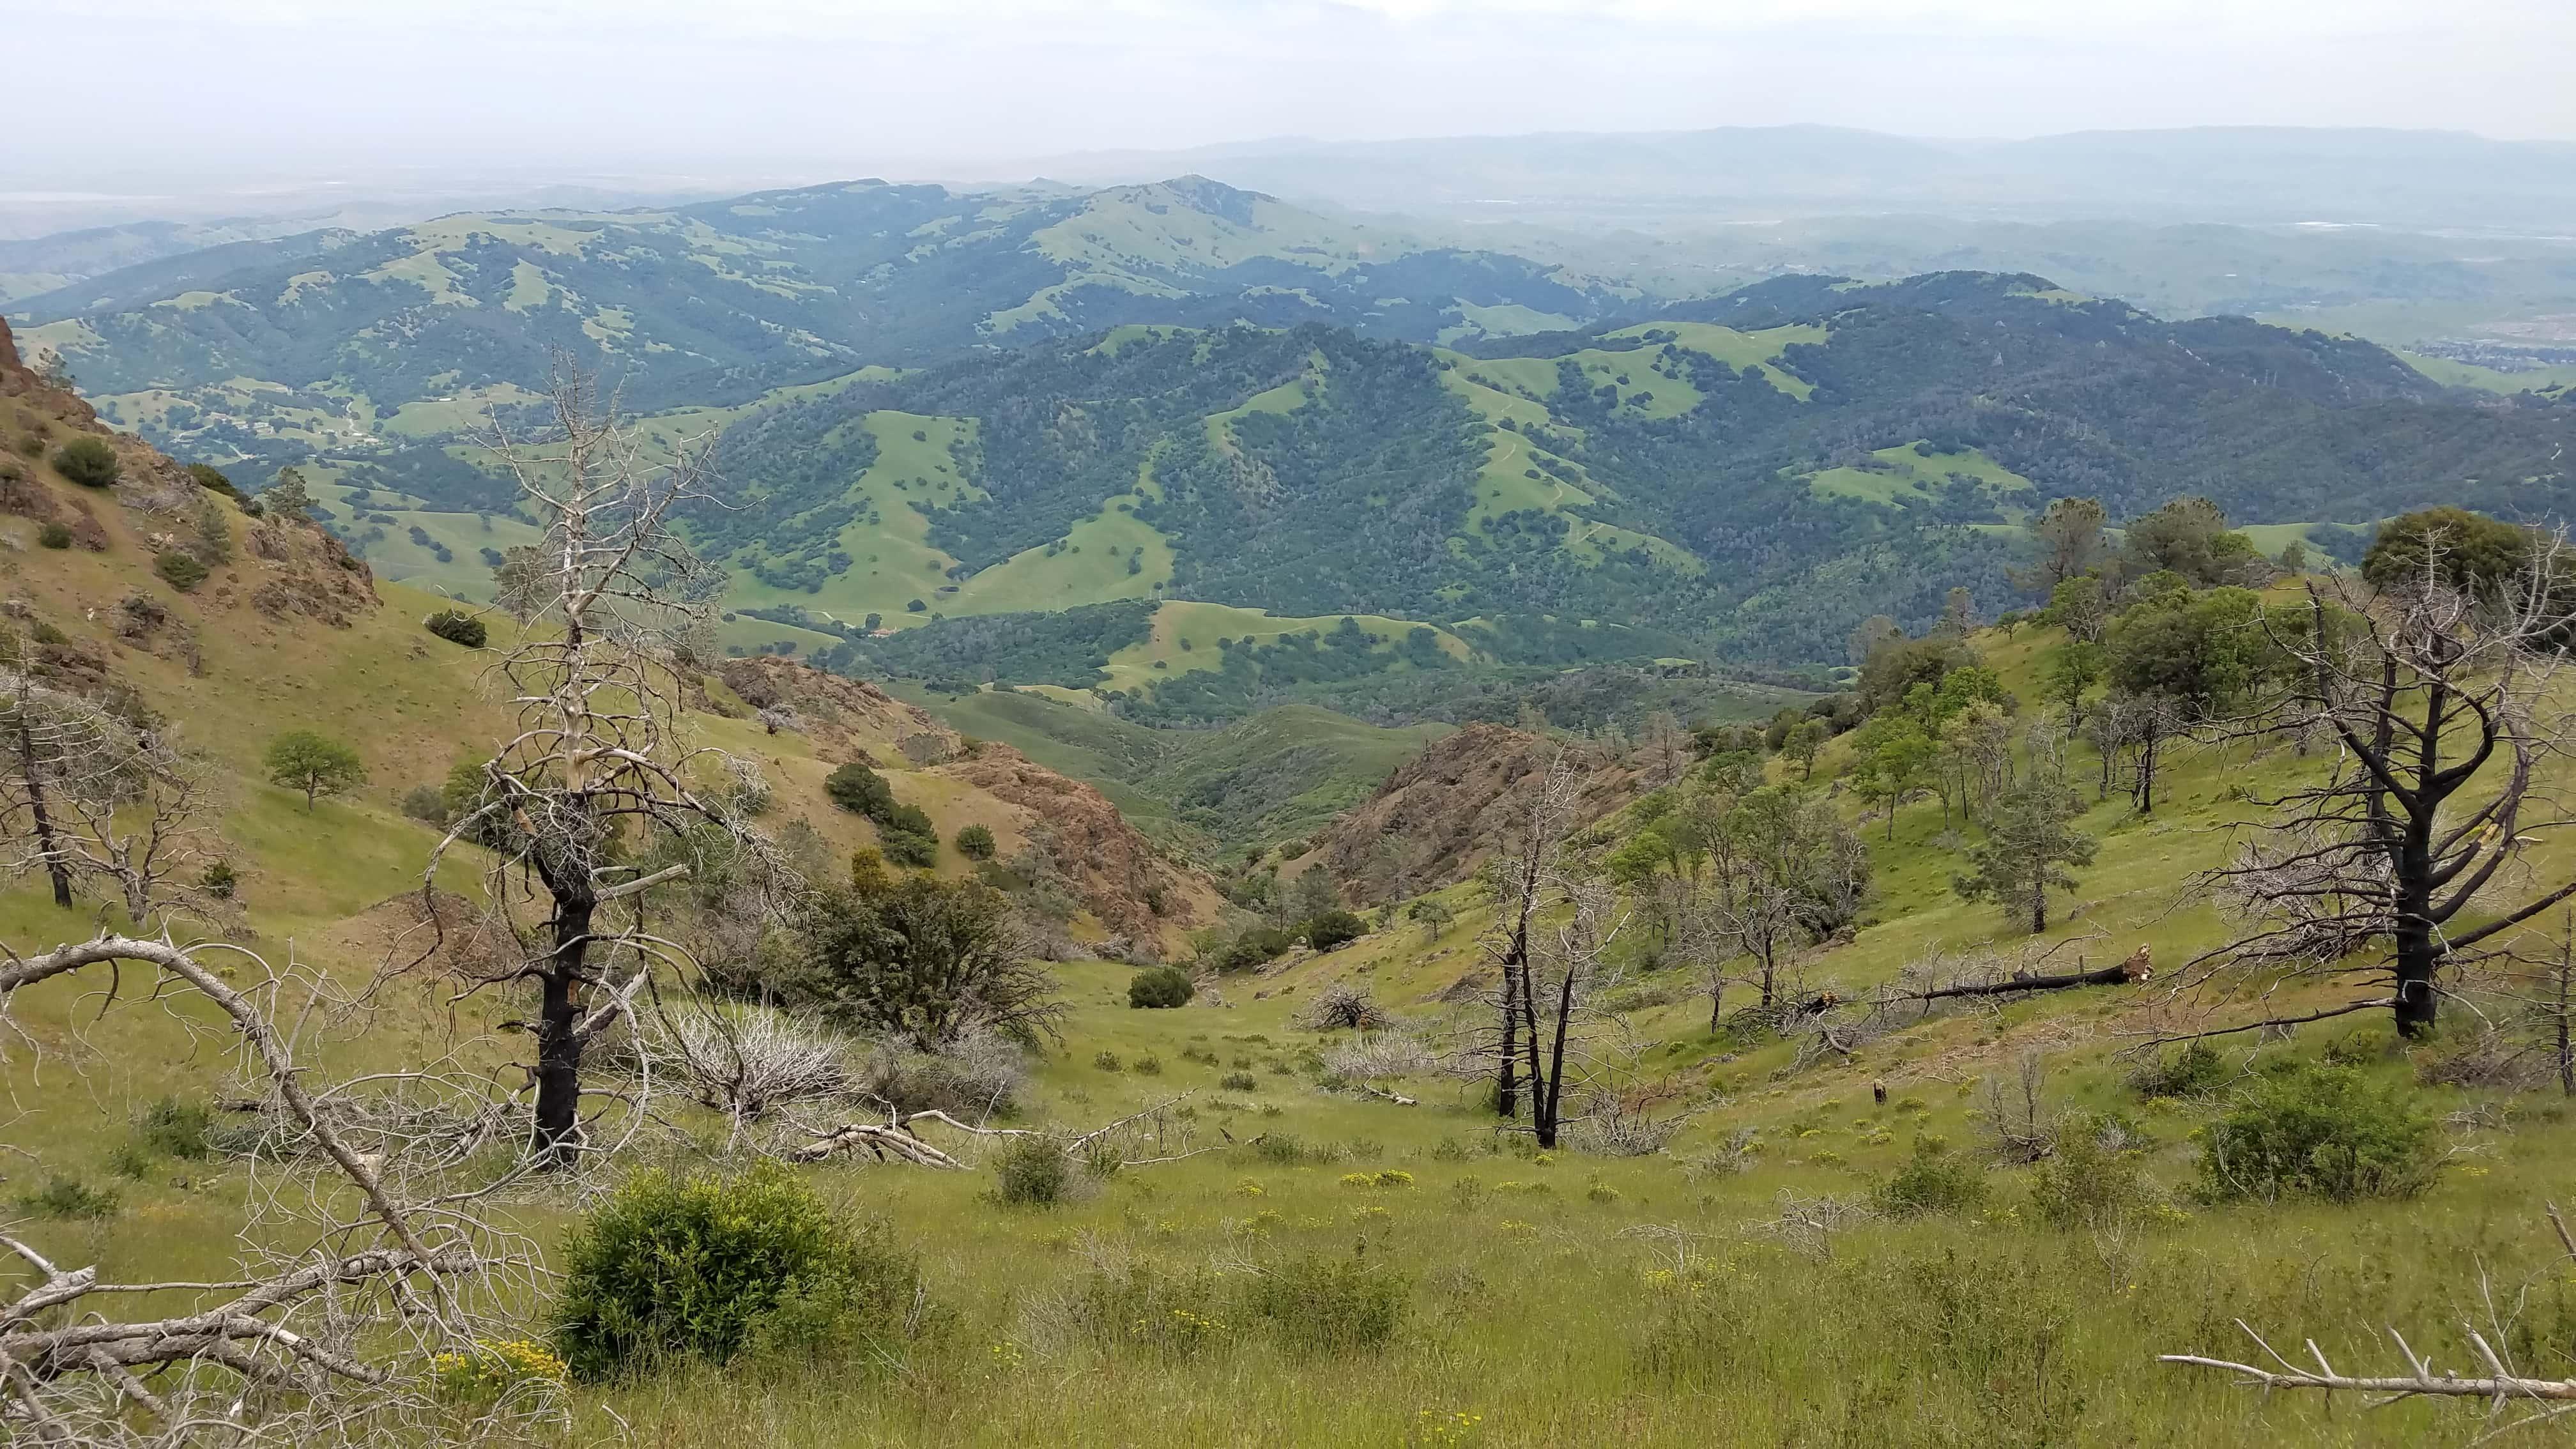 Gambar gratis: Lembah, Gunung, pegunungan, pemandangan ...